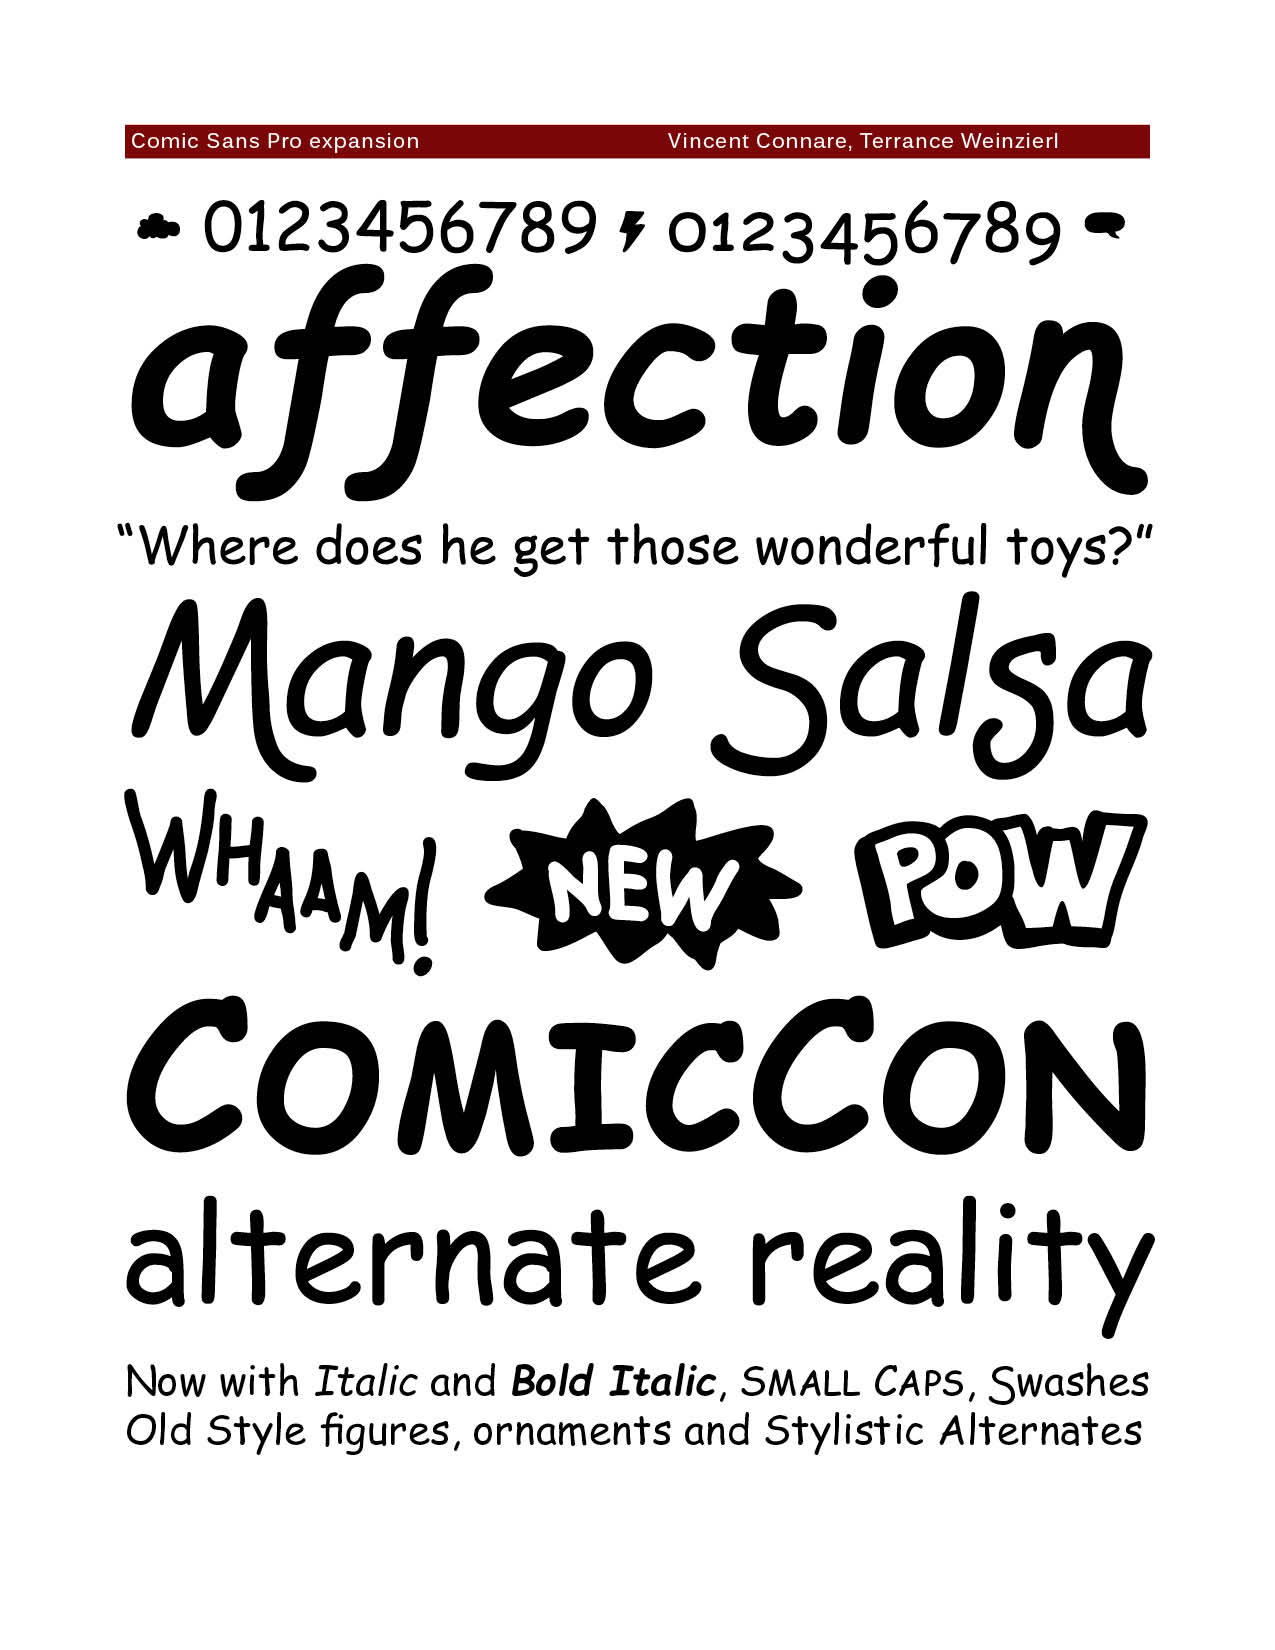 5 Comic Sans Font Images